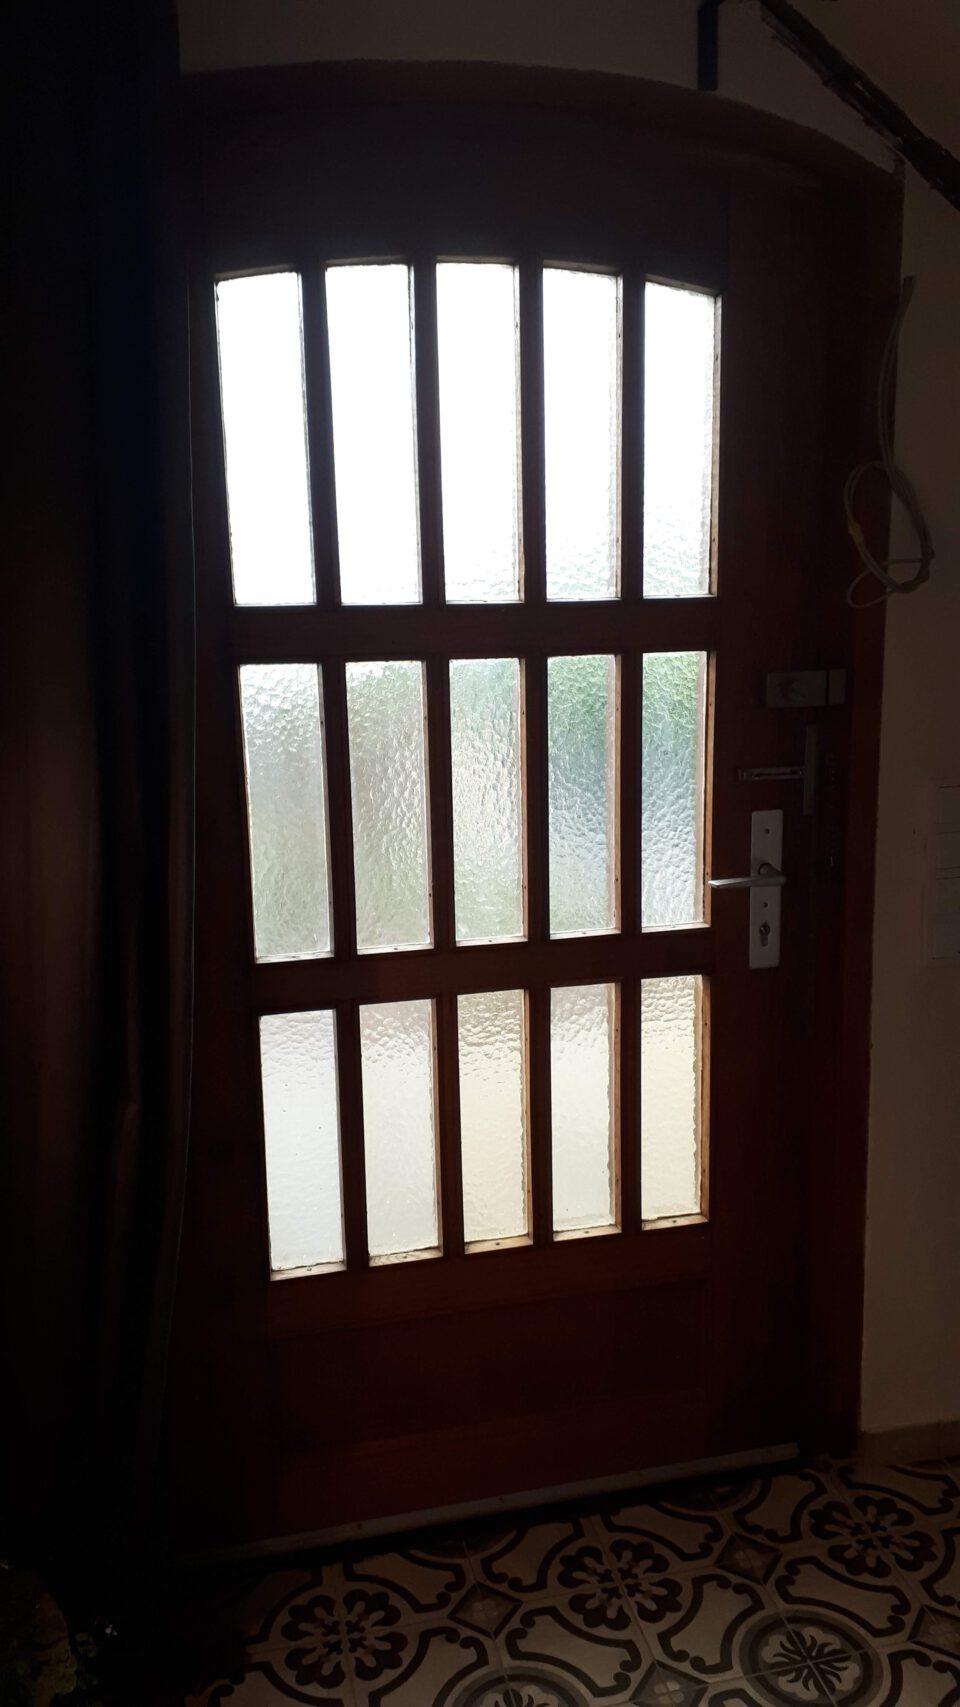 Die alten Glasscheiben in der Haustür waren aus gelblich geriffeltem Glas.